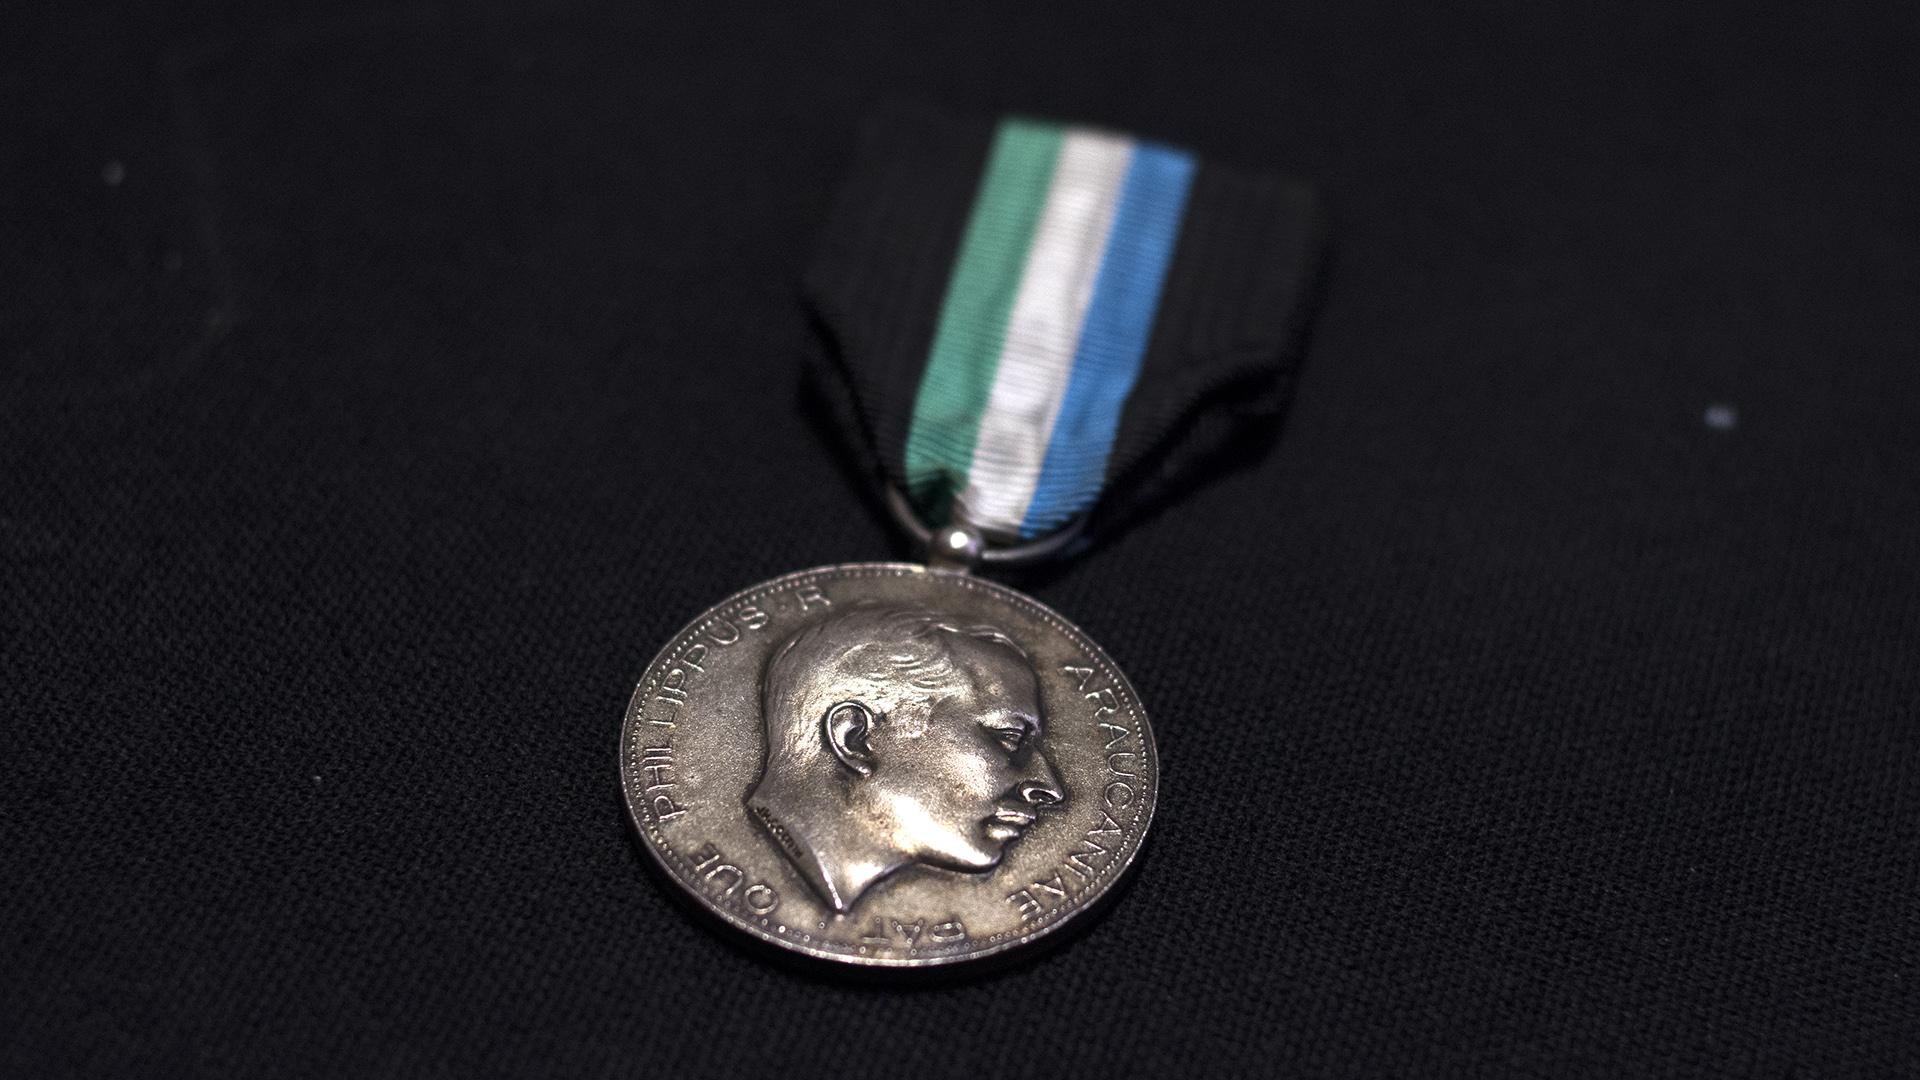 Medalla del Príncipe Felipe. Fue otro de los pretendientes al Trono del Reino de la Araucanía y Patagonia (Adrián Escandar)